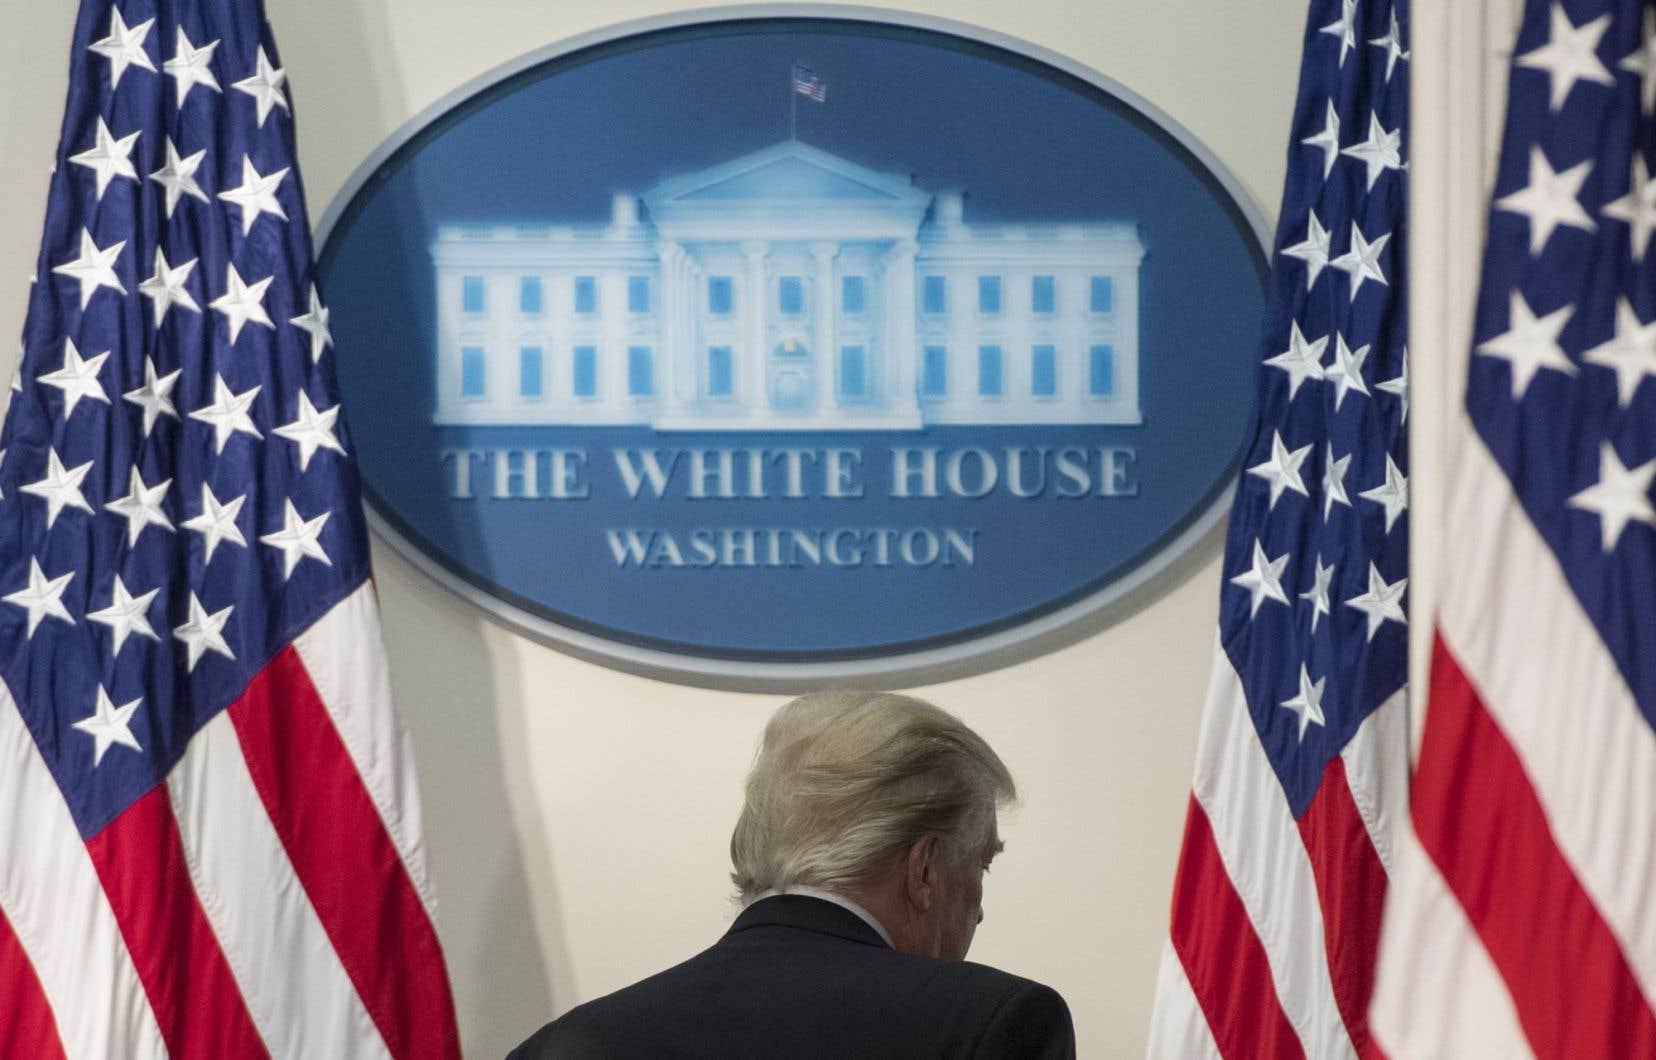 Le président américain a clamé après son élection que de trois à cinq millions de personnes avaient illégalement voté, un chiffre qu'aucune étude officielle n'appuie.